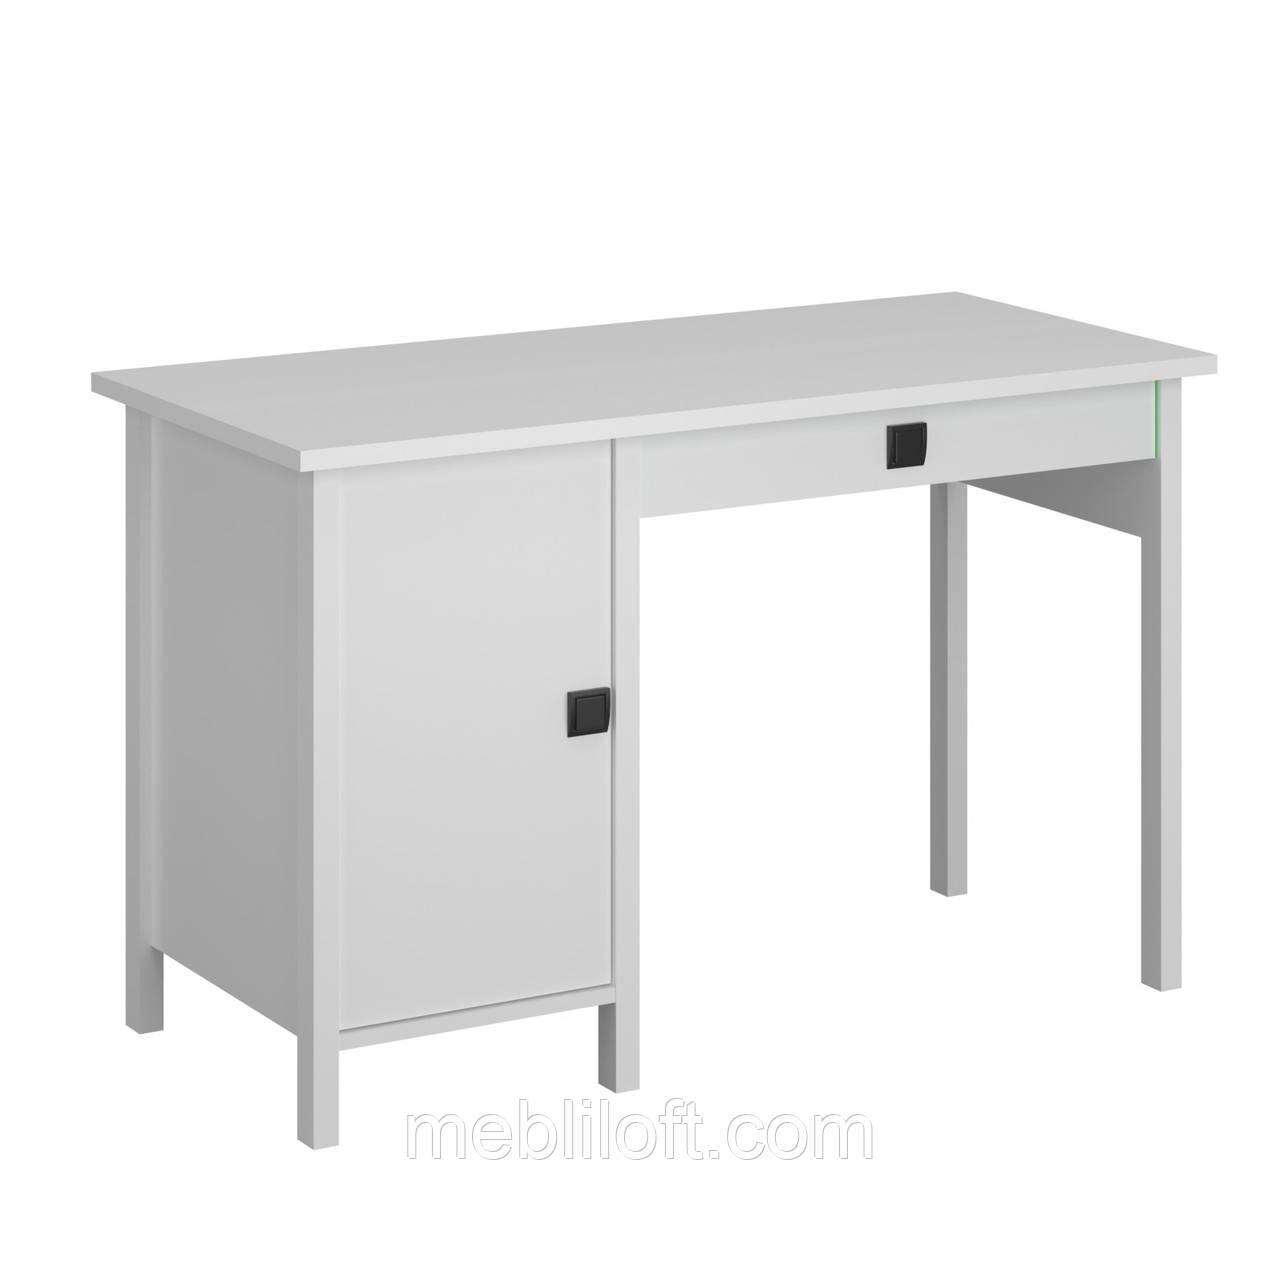 Стол письменный 1D1S_120 Марокко белый